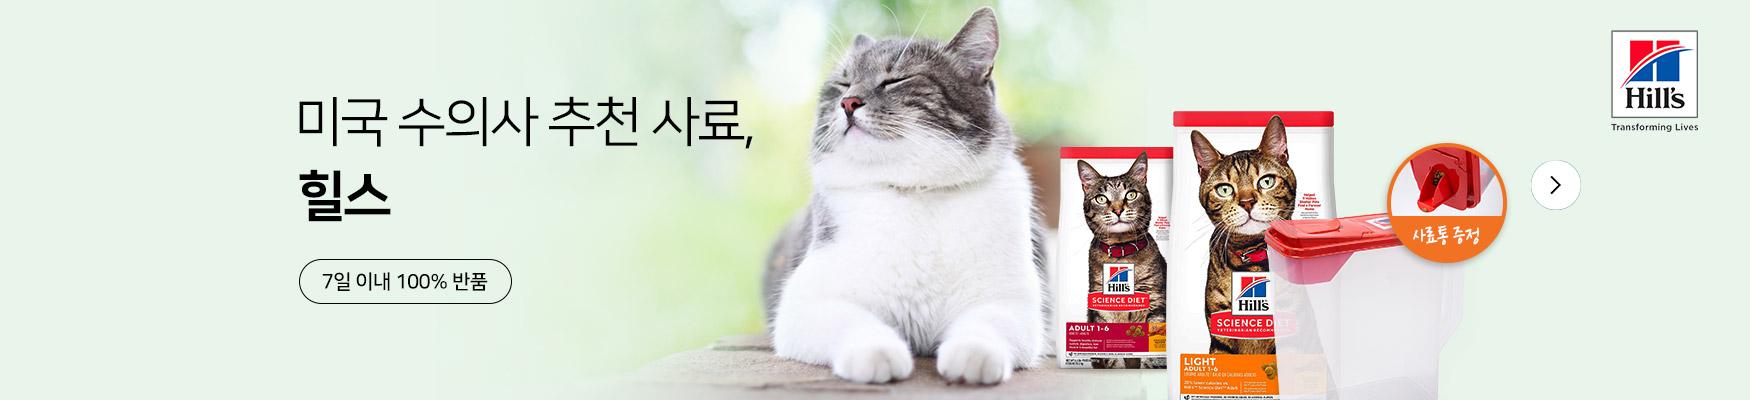 [21.6월 메인] 힐스 사료통 증정